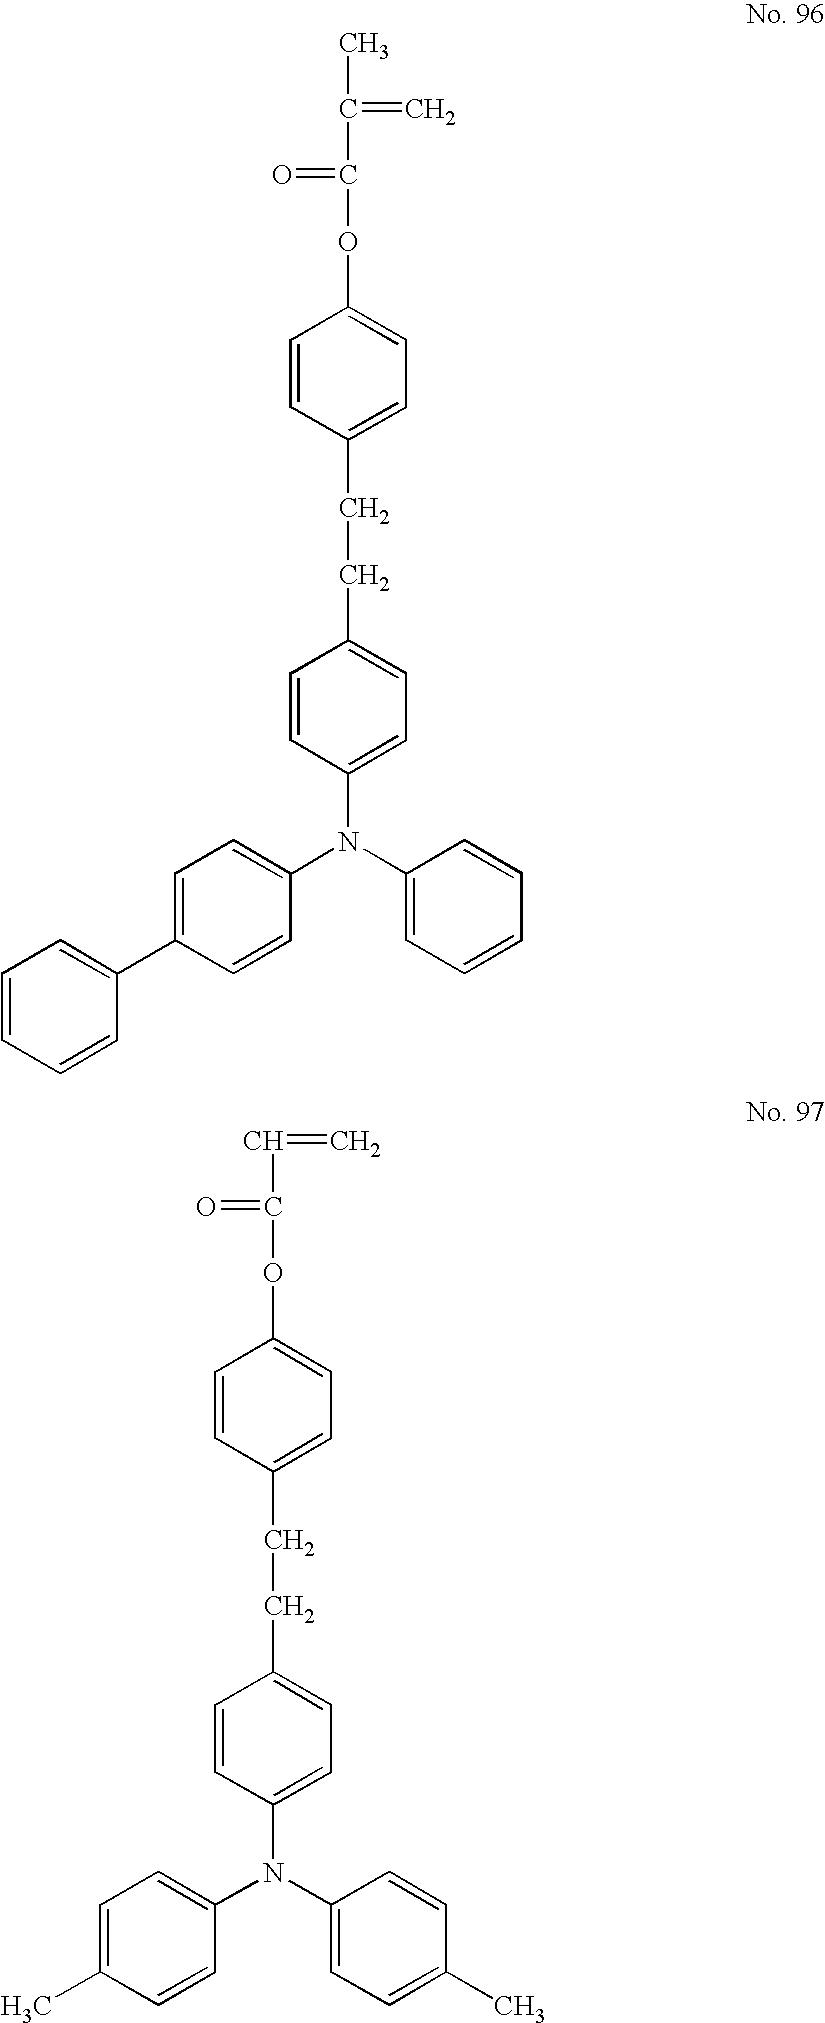 Figure US07824830-20101102-C00048